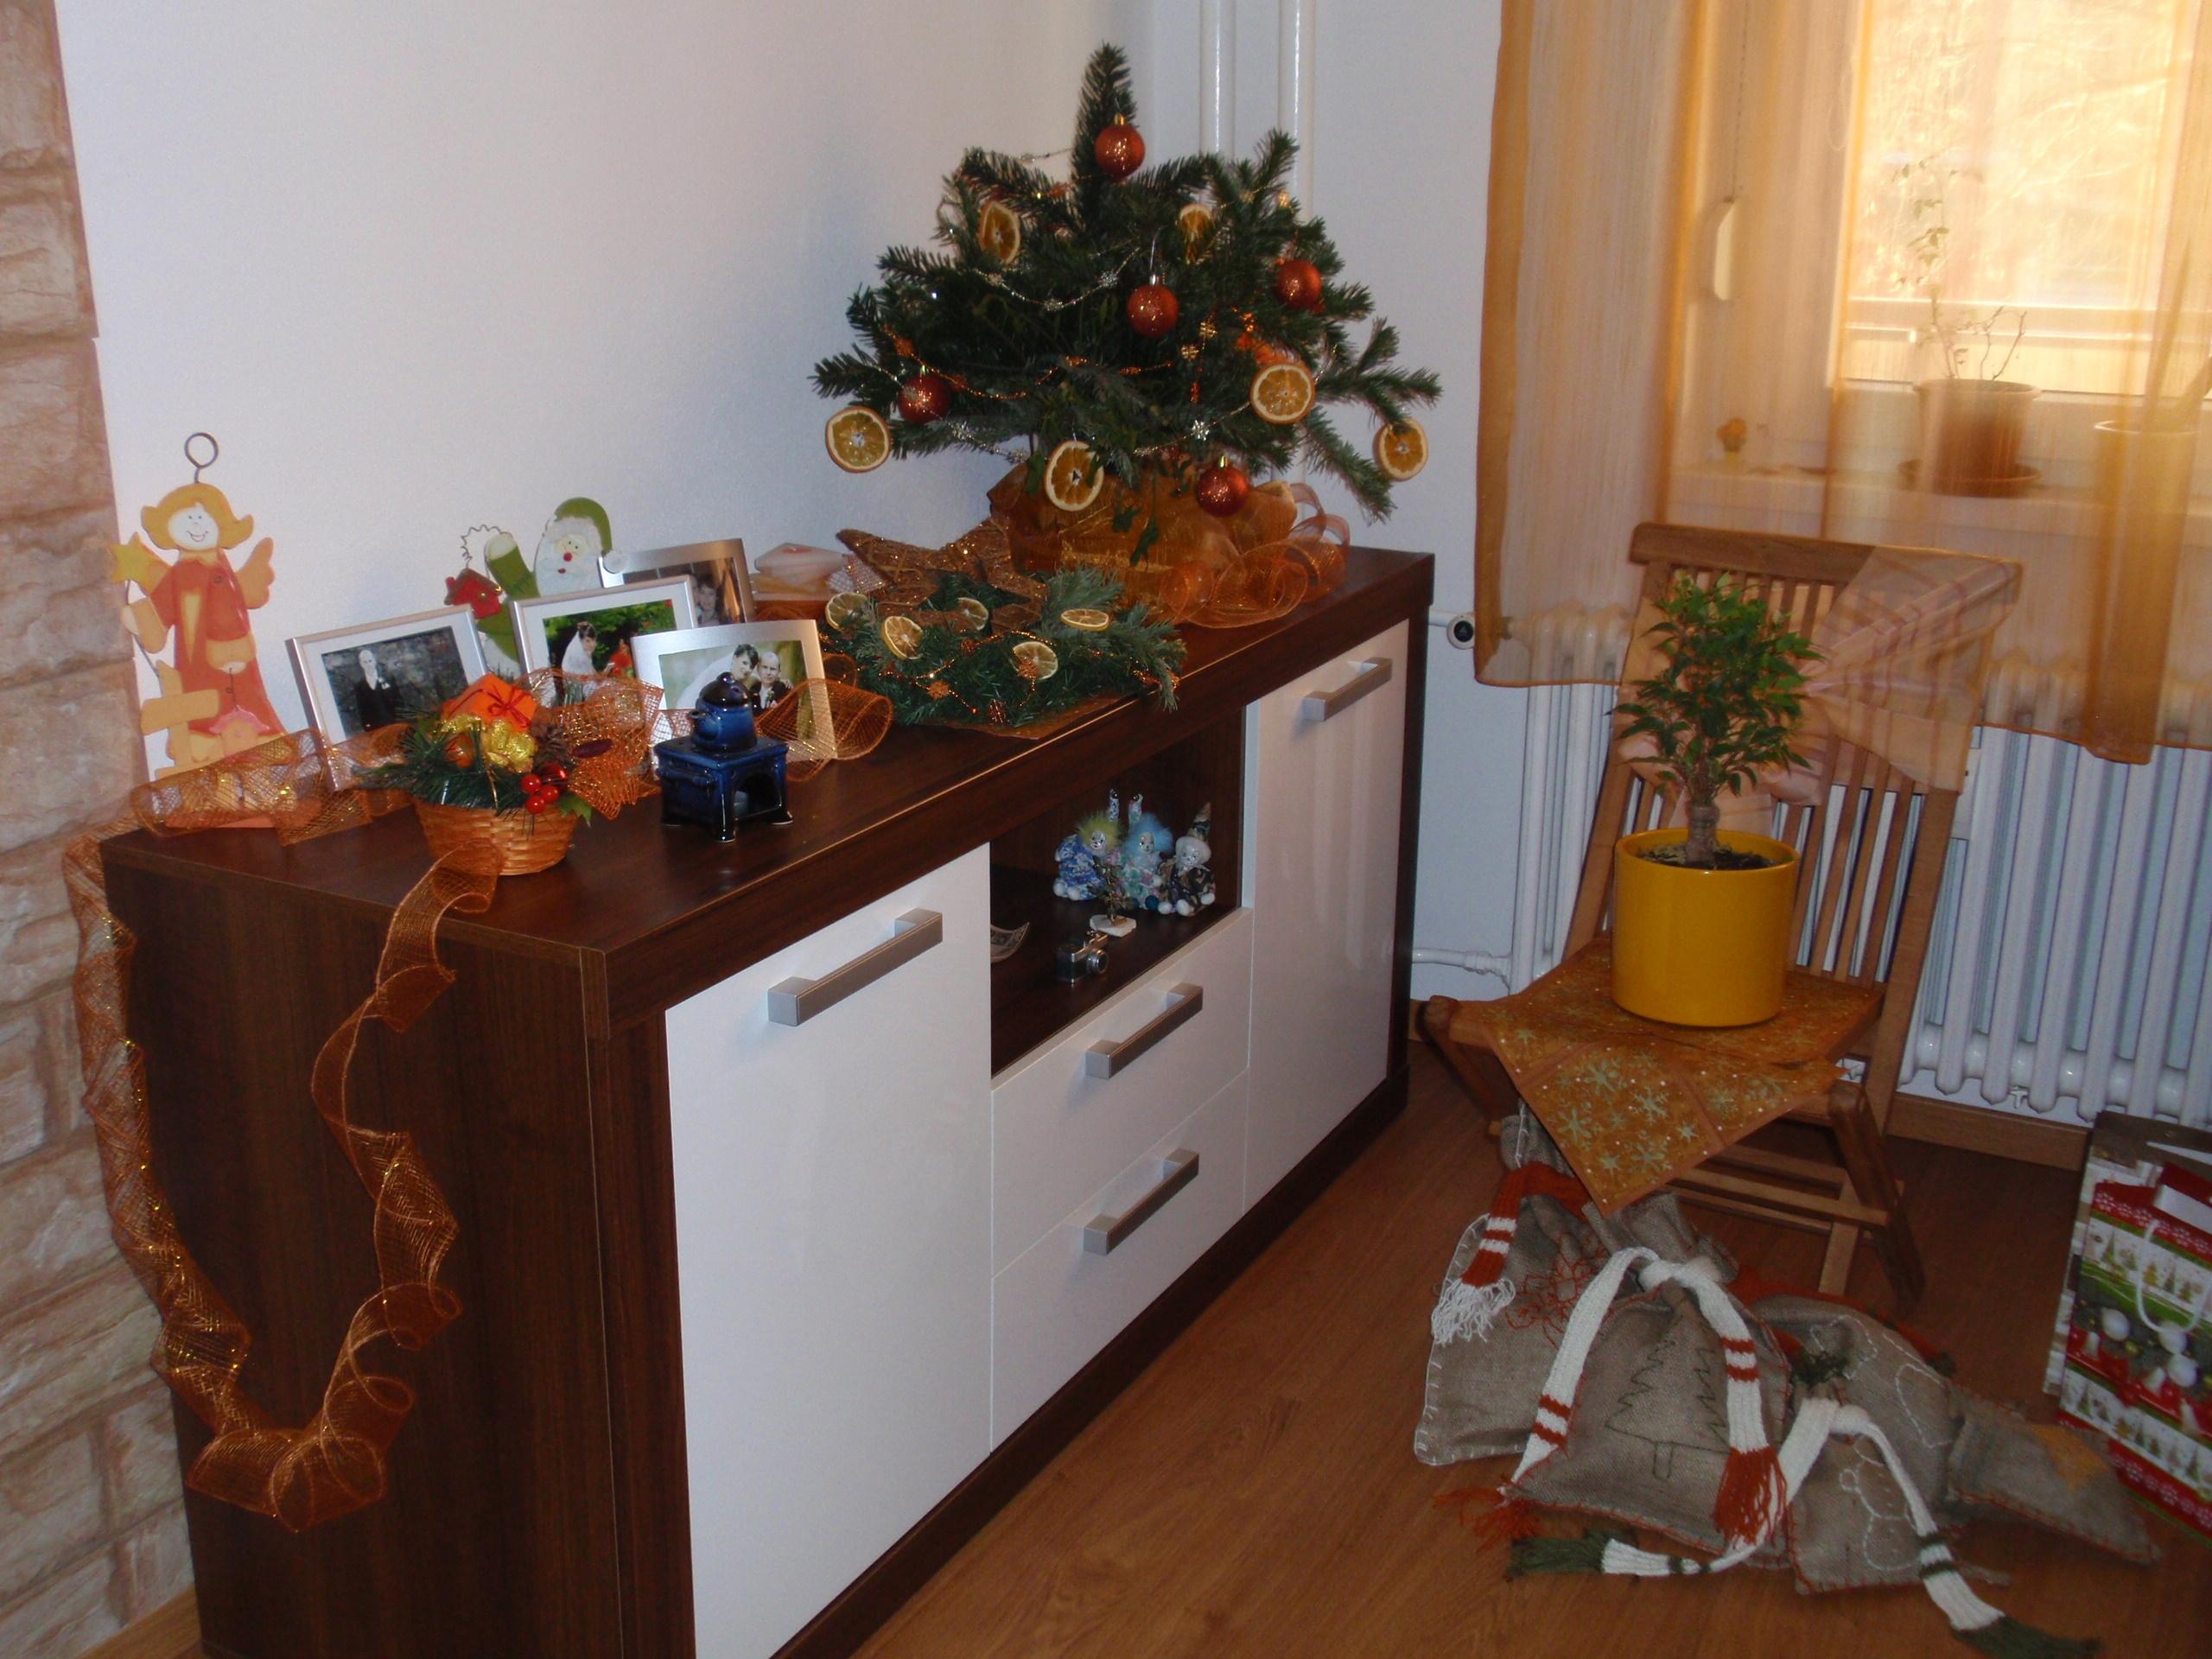 Cez Vianoce som stoličku ozdobila sviatočným šatom – využila som ozdobné servítky a kúsok látky, čo vystala z ušitých záclon, z ktorej som urobila šerpu